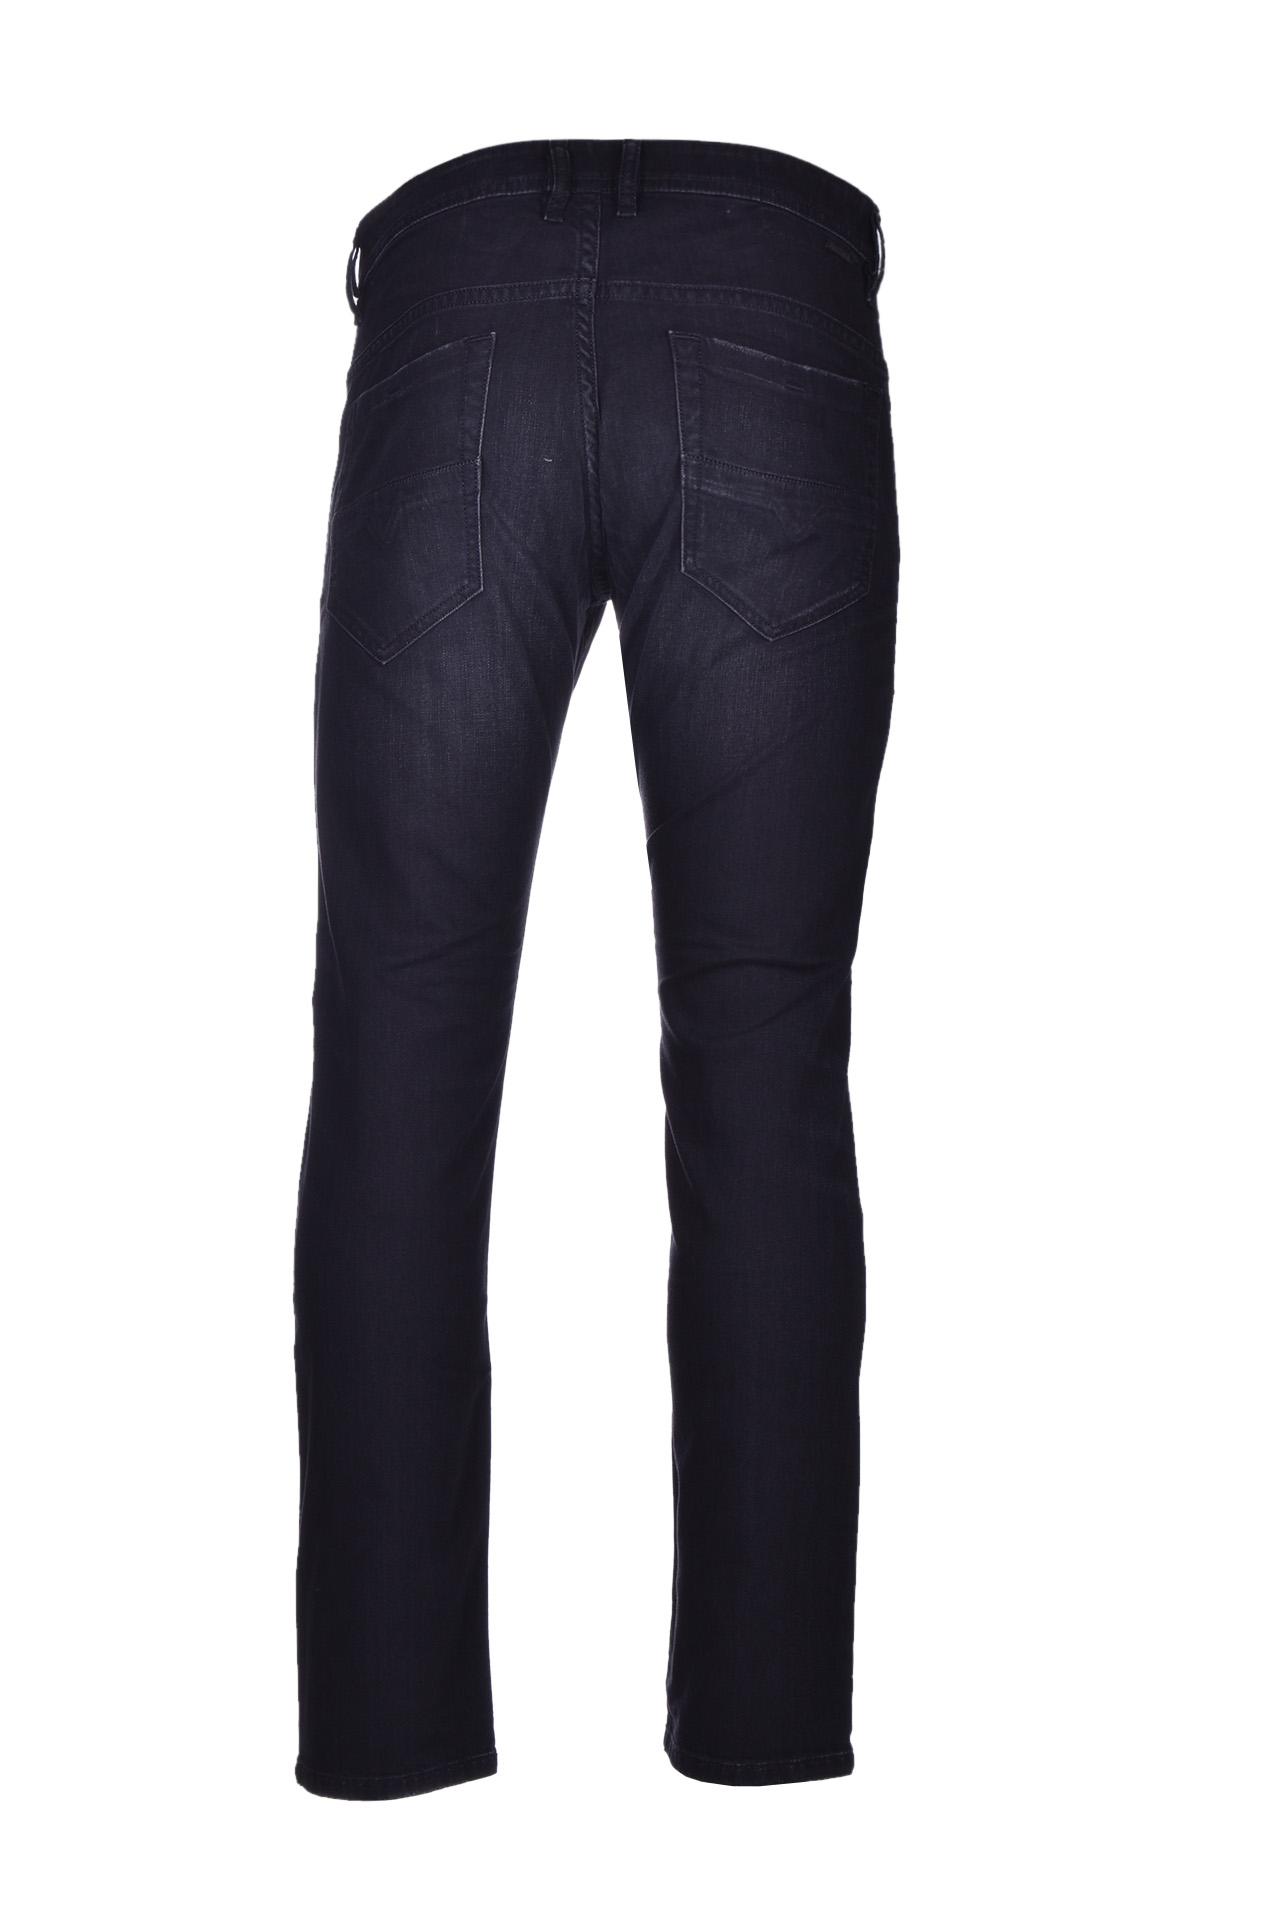 Thommer jeans l30 - black DIESEL | Jeans | 00SW1P 069BG02